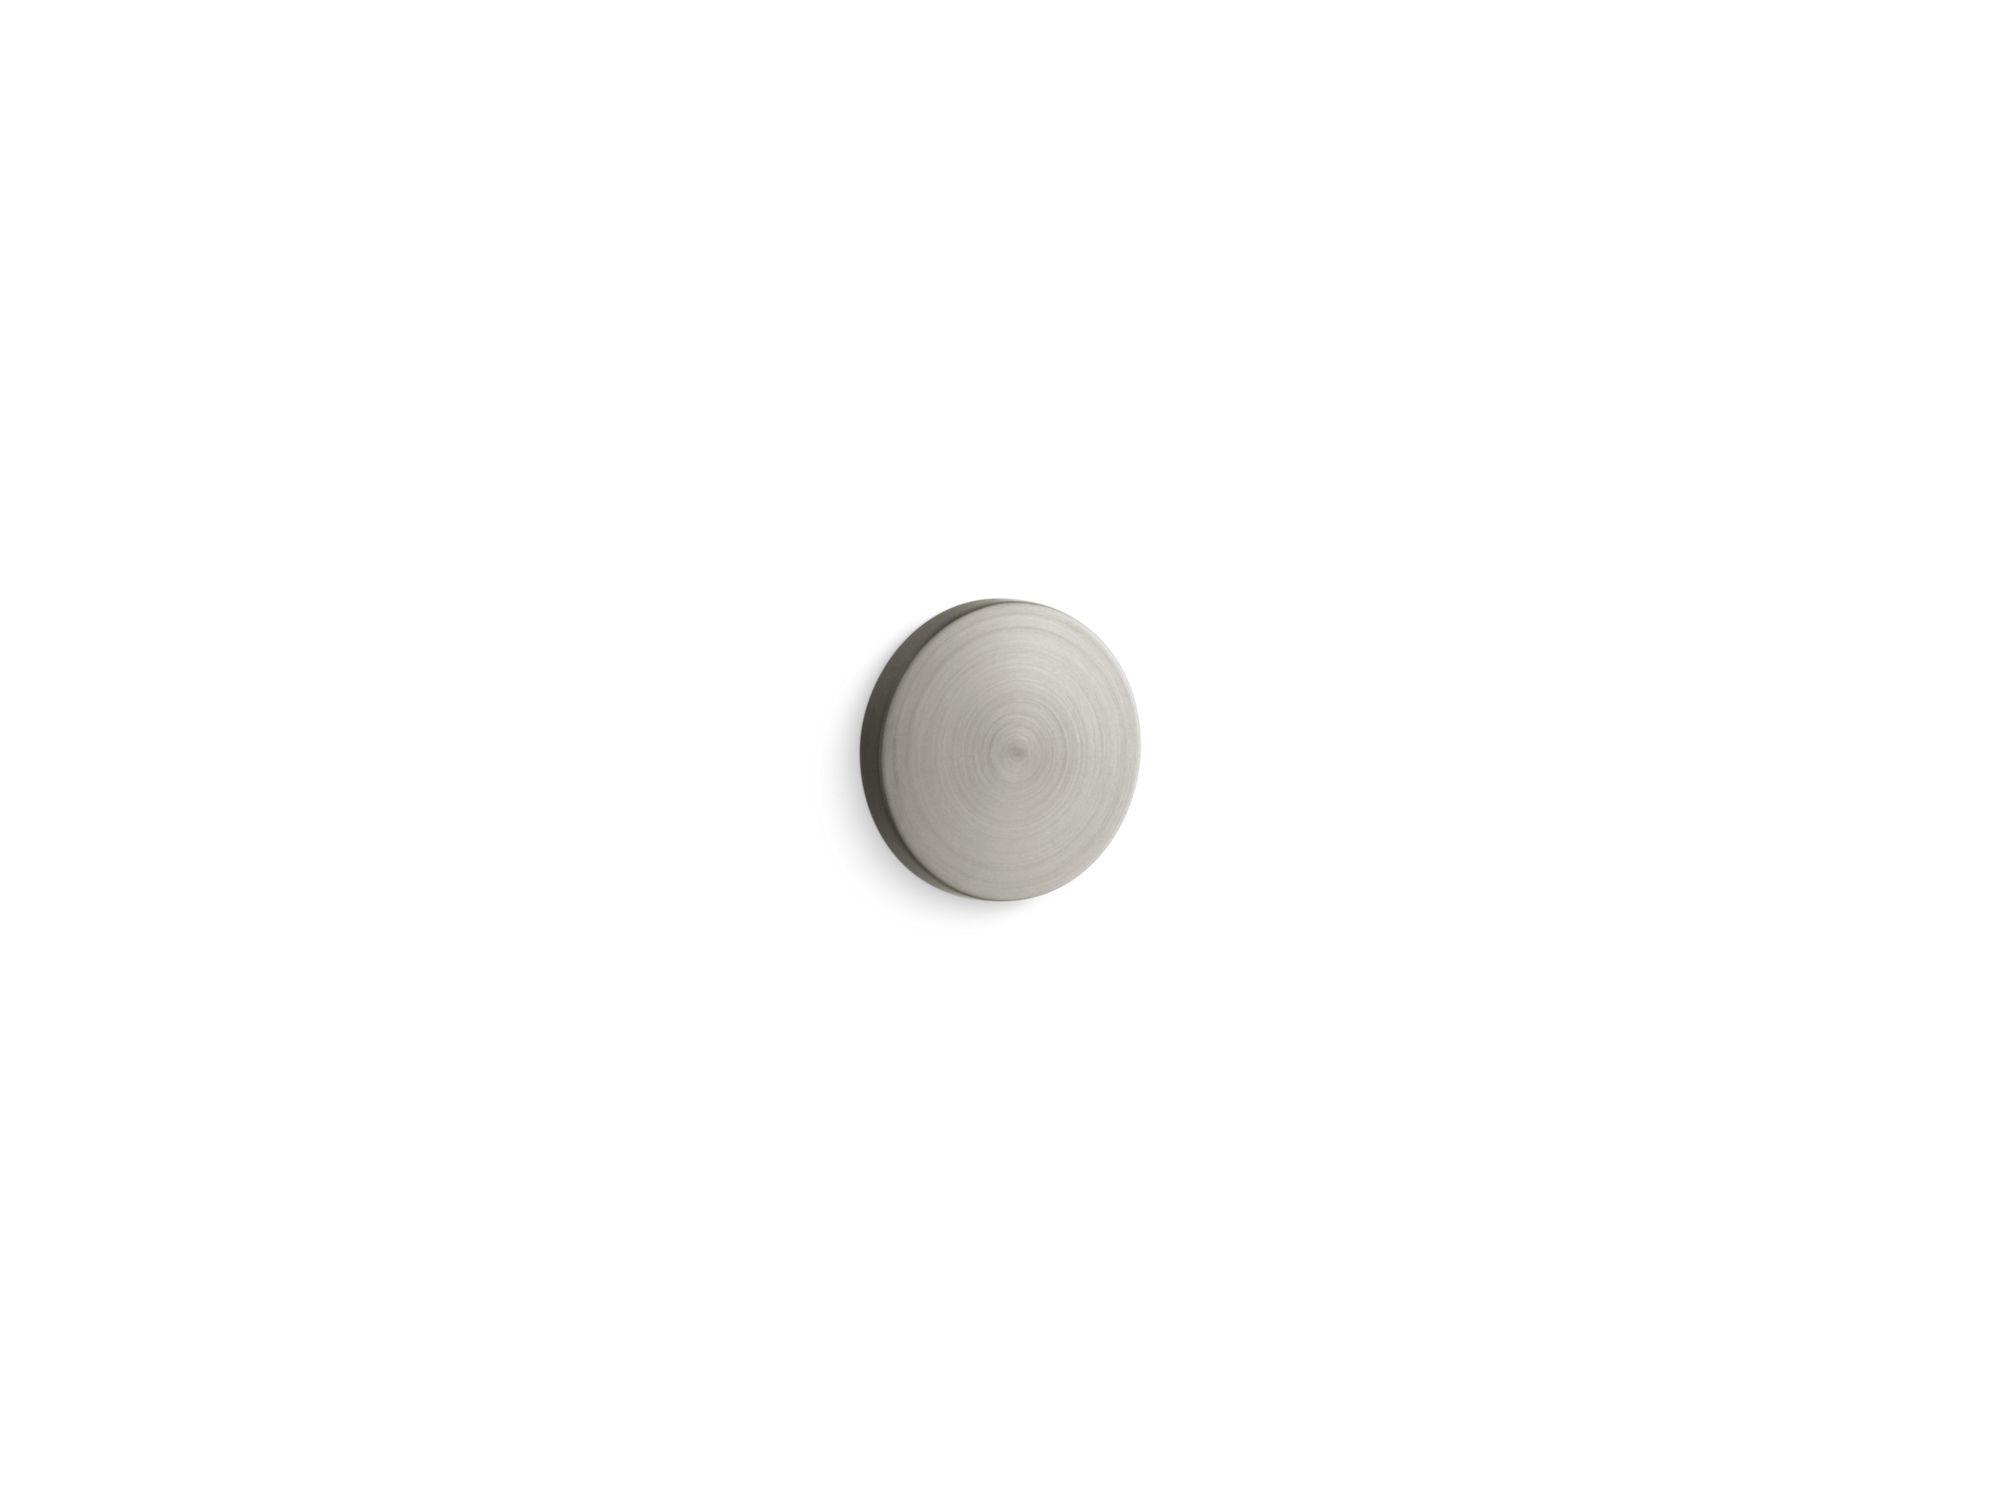 Kohler K-6324-BN Overflow cap for Iron Plains® bathroom sinks Vibrant Brushed Nickel